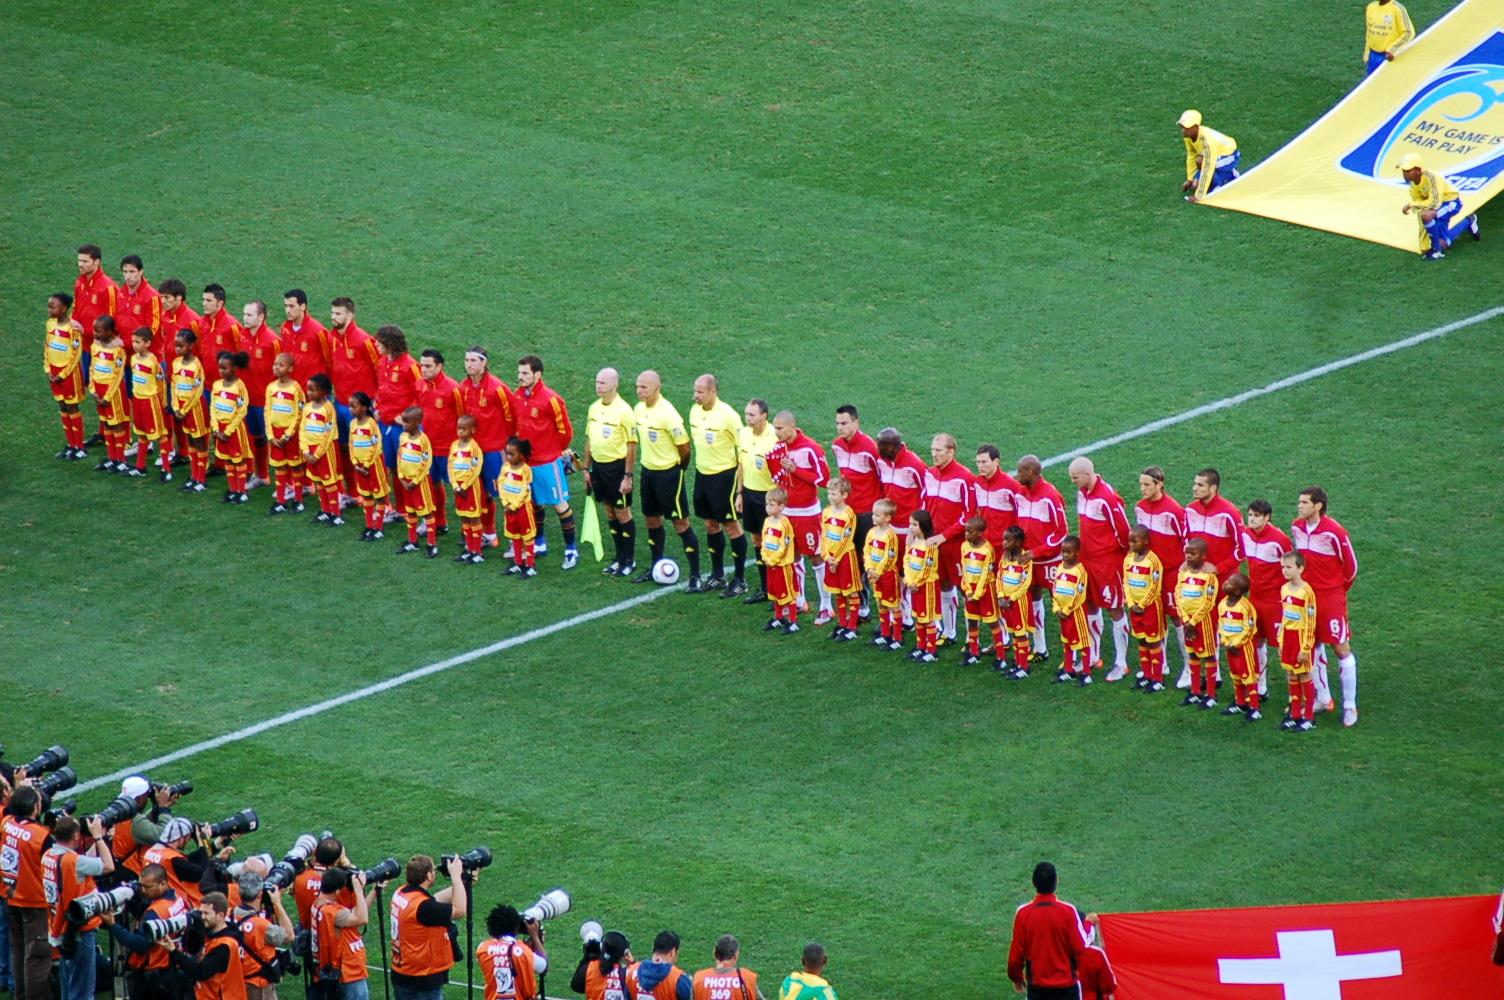 Selección de España, antes del encuentro contra Suiza correspondiente a la Copa Mundial de la FIFA de 2010. Foto: jit bag.